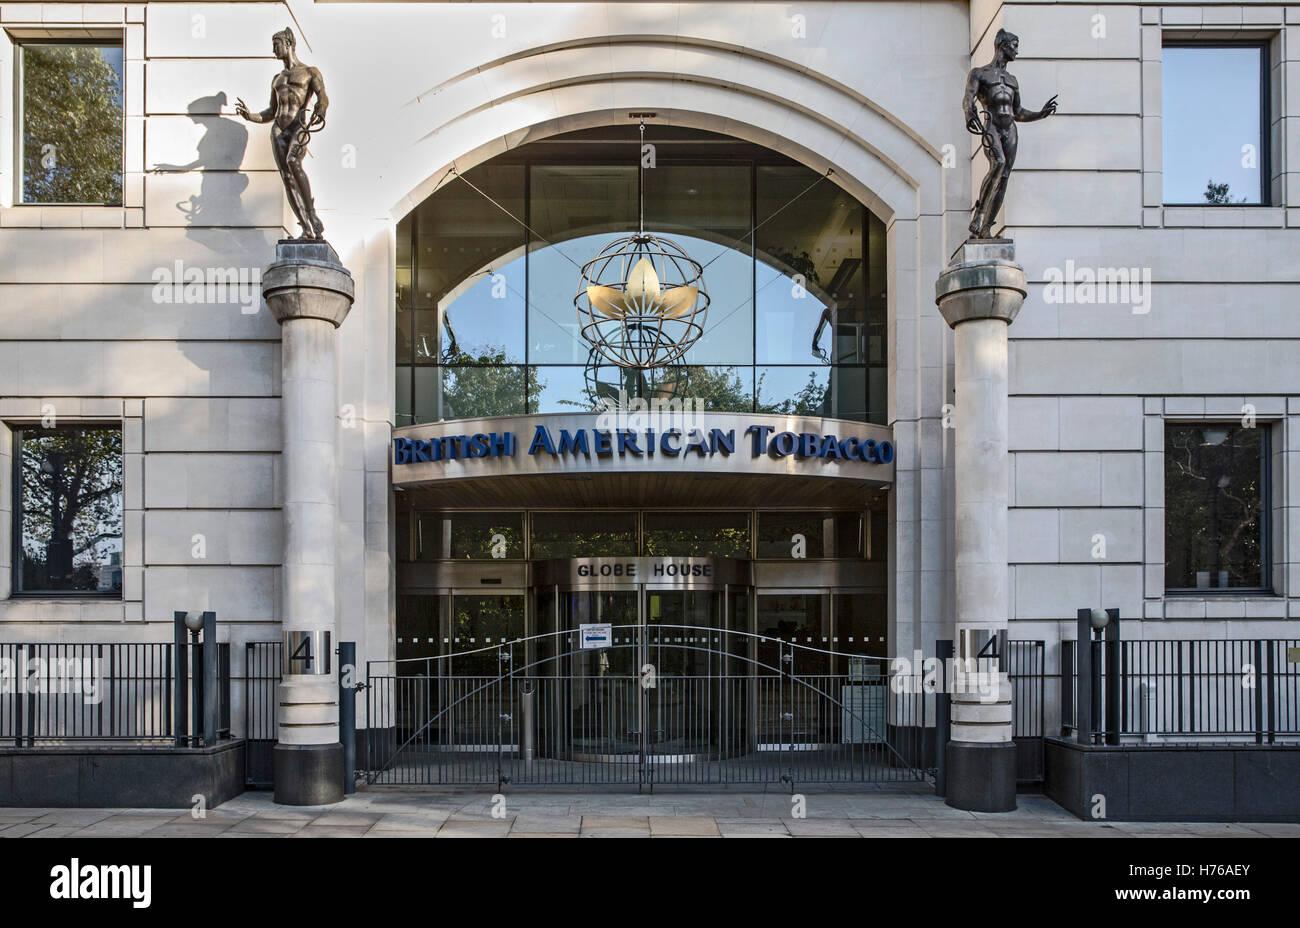 British American Tobacco Hq Globe House Wc2 London